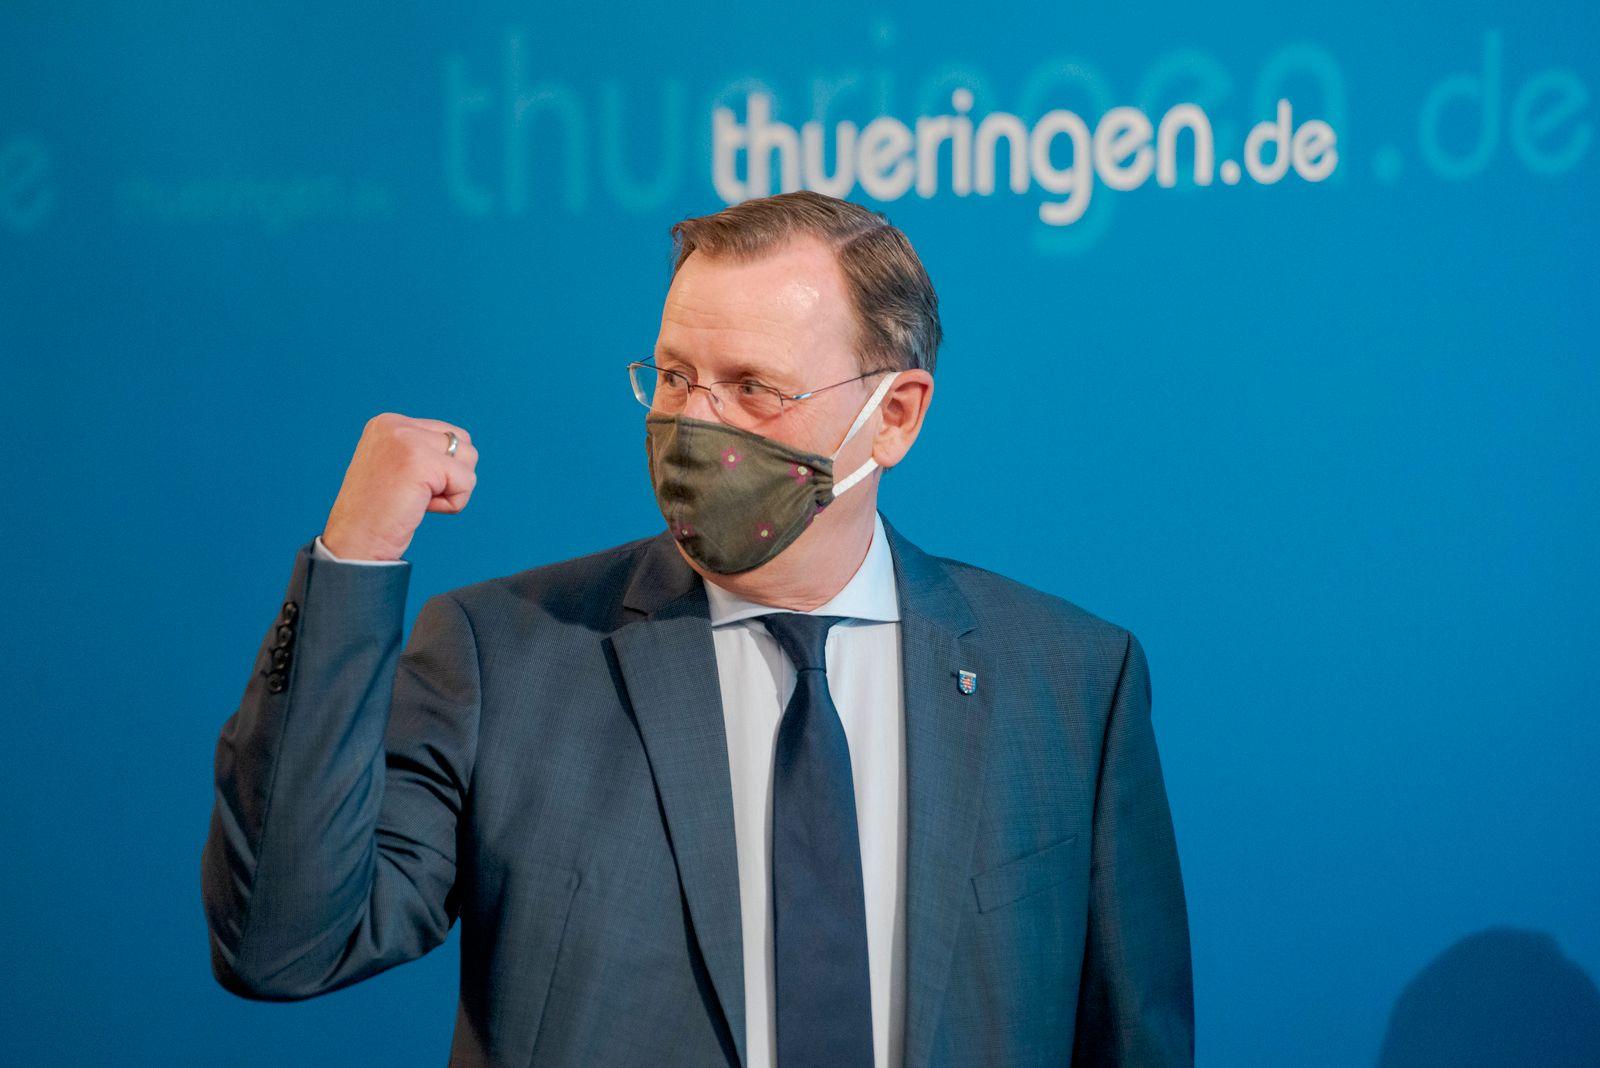 News Bilder des Tages PRESSEKONFERENZ - SITZUNG THÜRINGER LANDESREGIERUNG MIT KIRCHEN 25/05/2020 - Erfurt: Der Thüringe